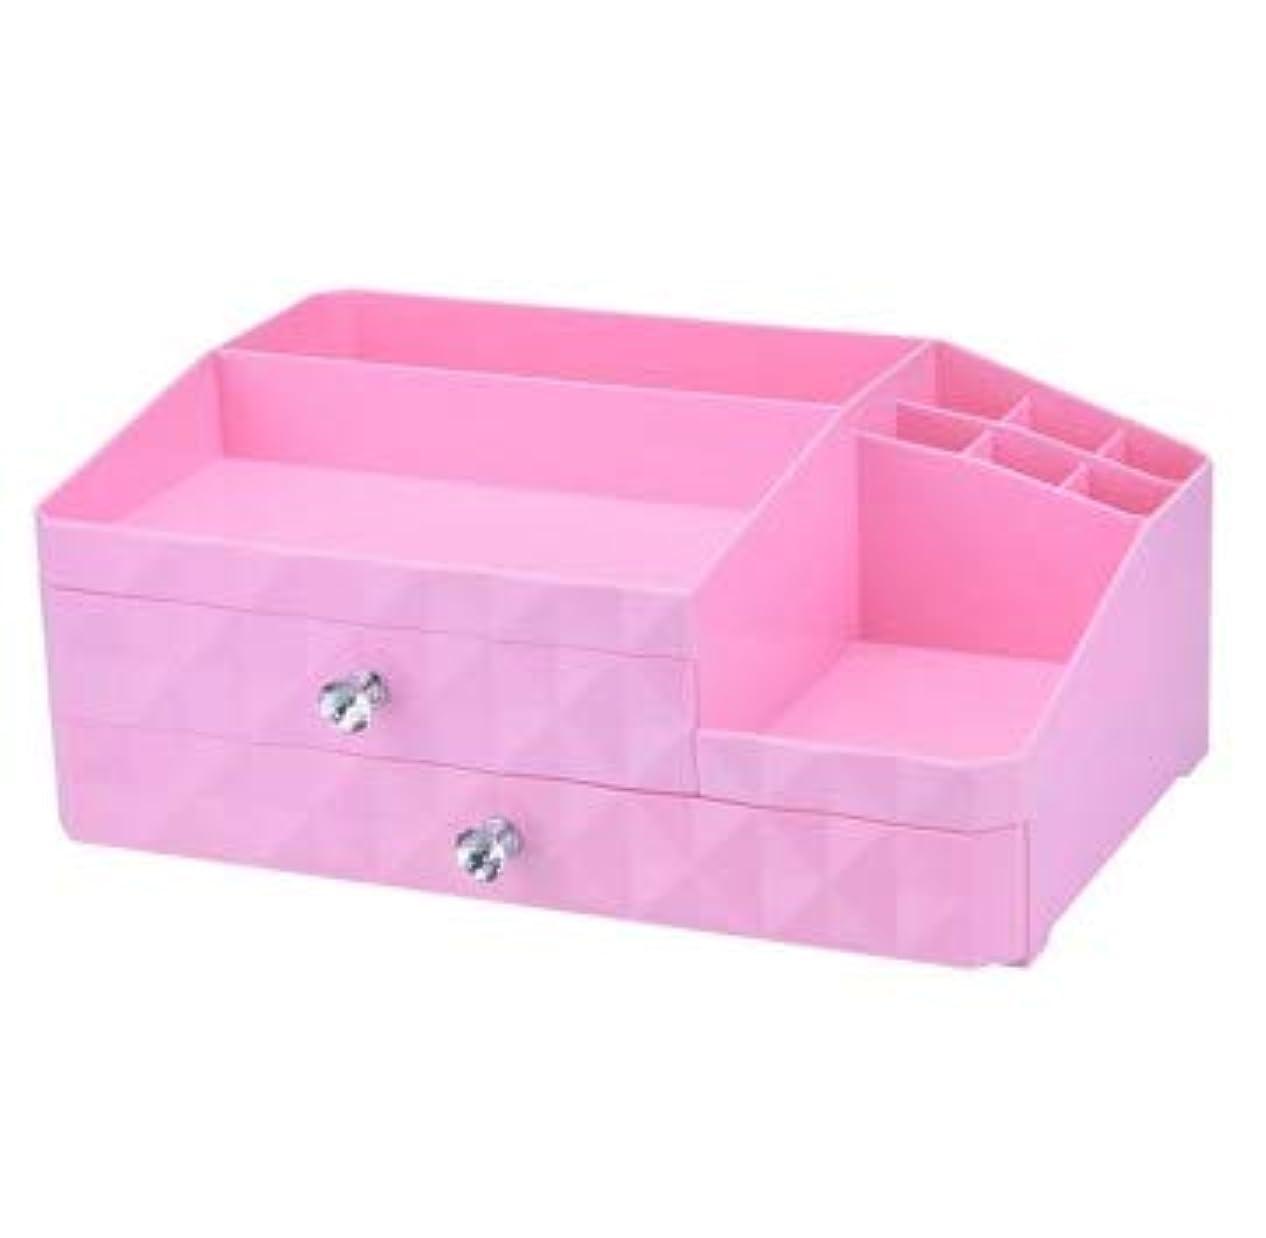 結核確かにプロットデスクトップジュエリーボックス引き出し化粧品収納ボックス三層プラスチック仕上げボックス (Color : ピンク)